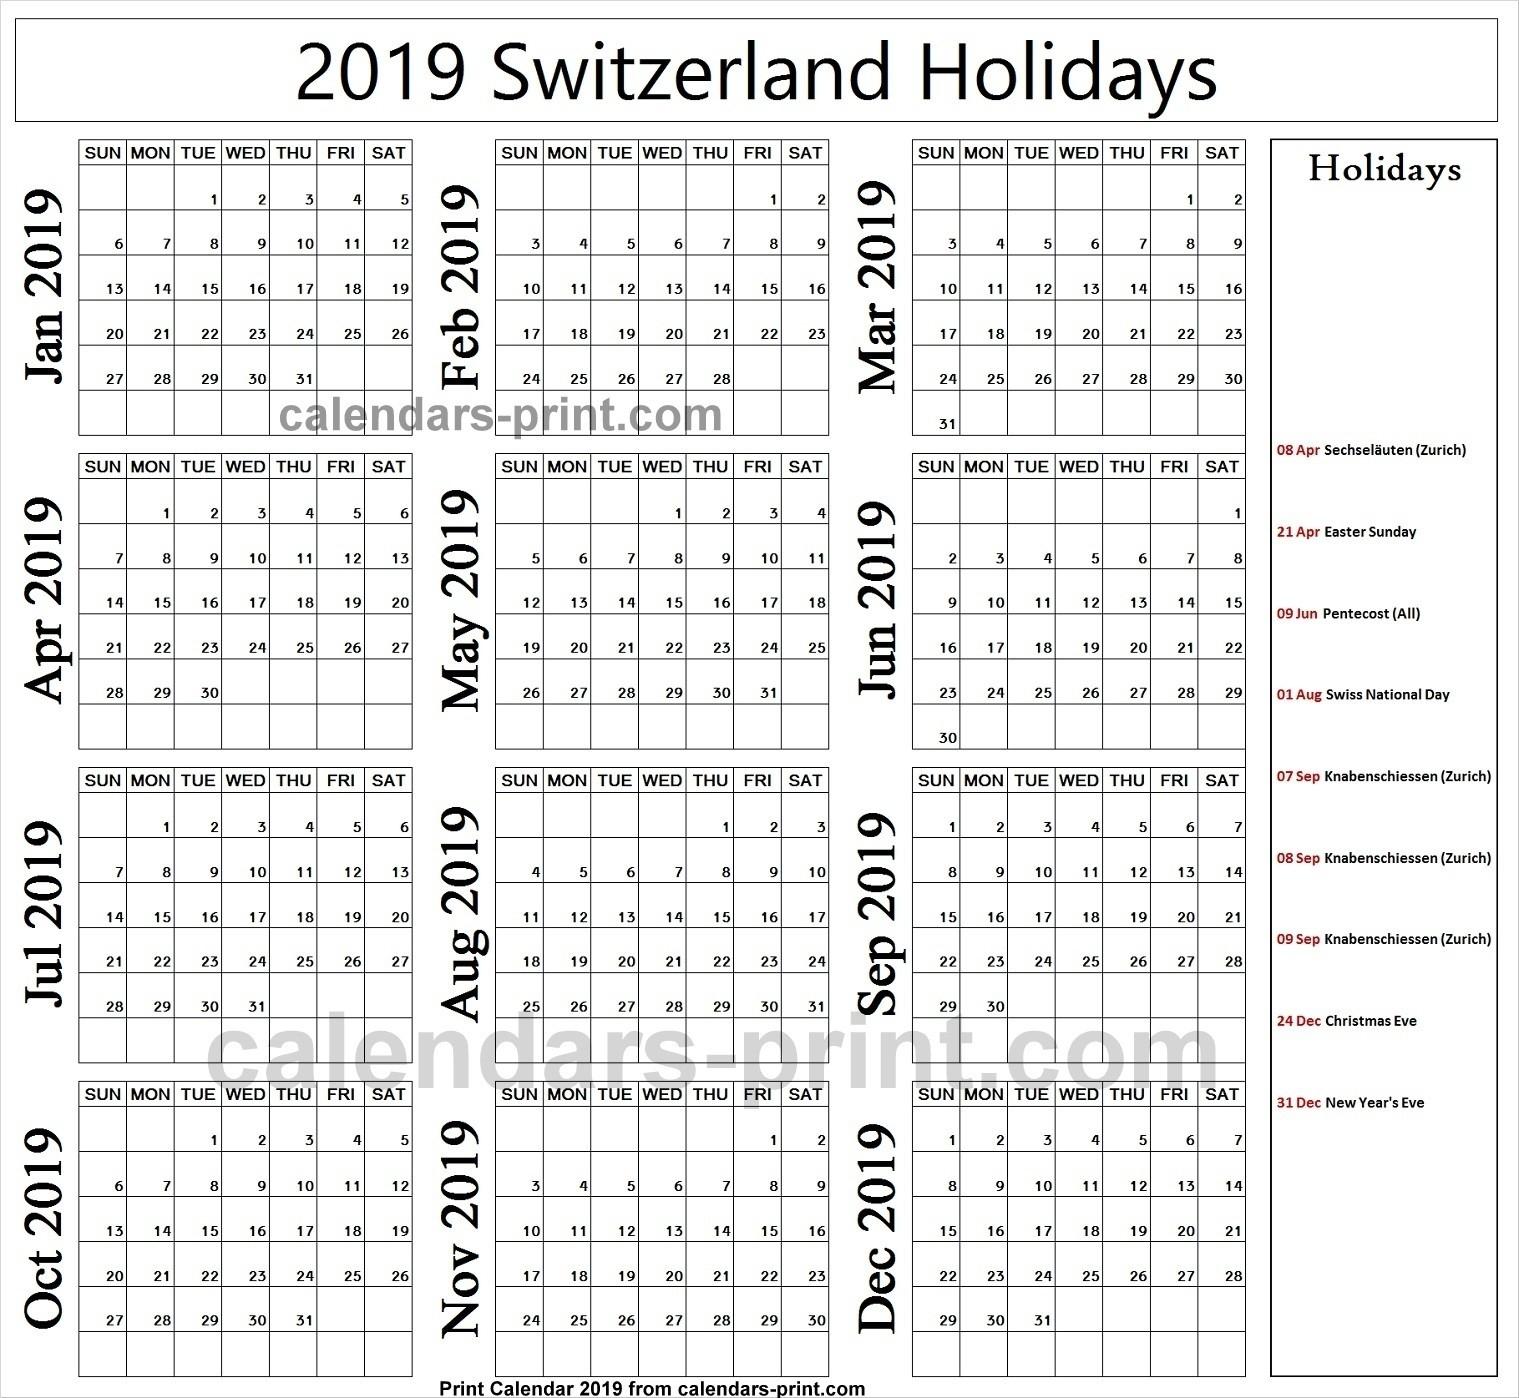 Holidays Calendar 2019 Zurich • Printable Blank Calendar-Bank Holidays In Zurich